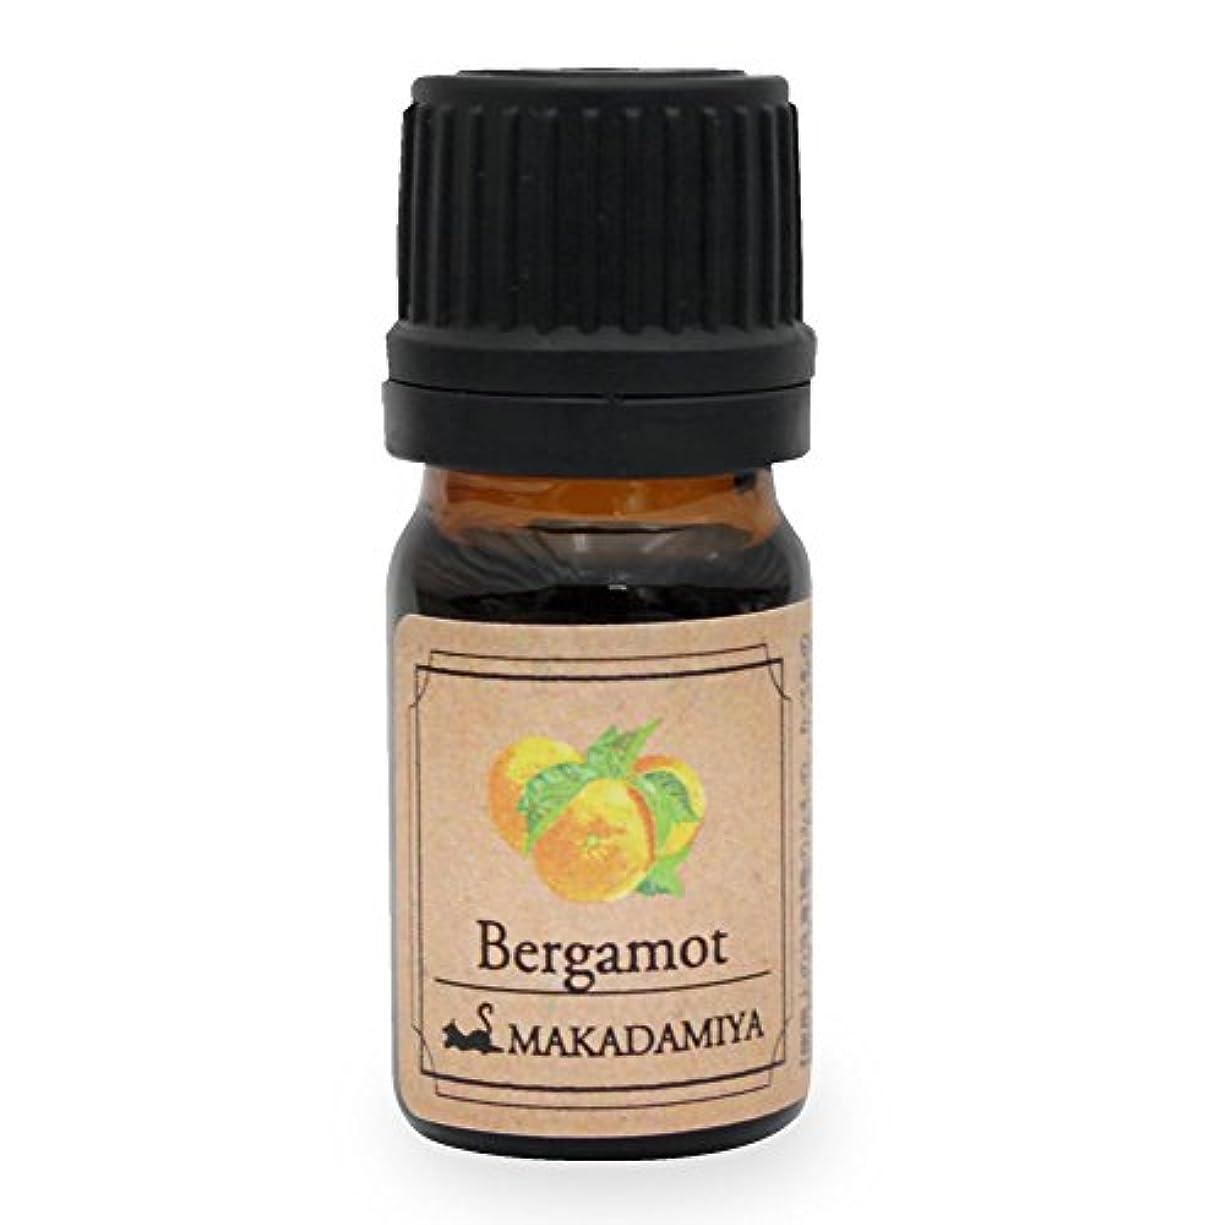 減少広々同意ベルガモット5ml 天然100%植物性 エッセンシャルオイル(精油) アロマオイル アロママッサージ aroma Bergamot